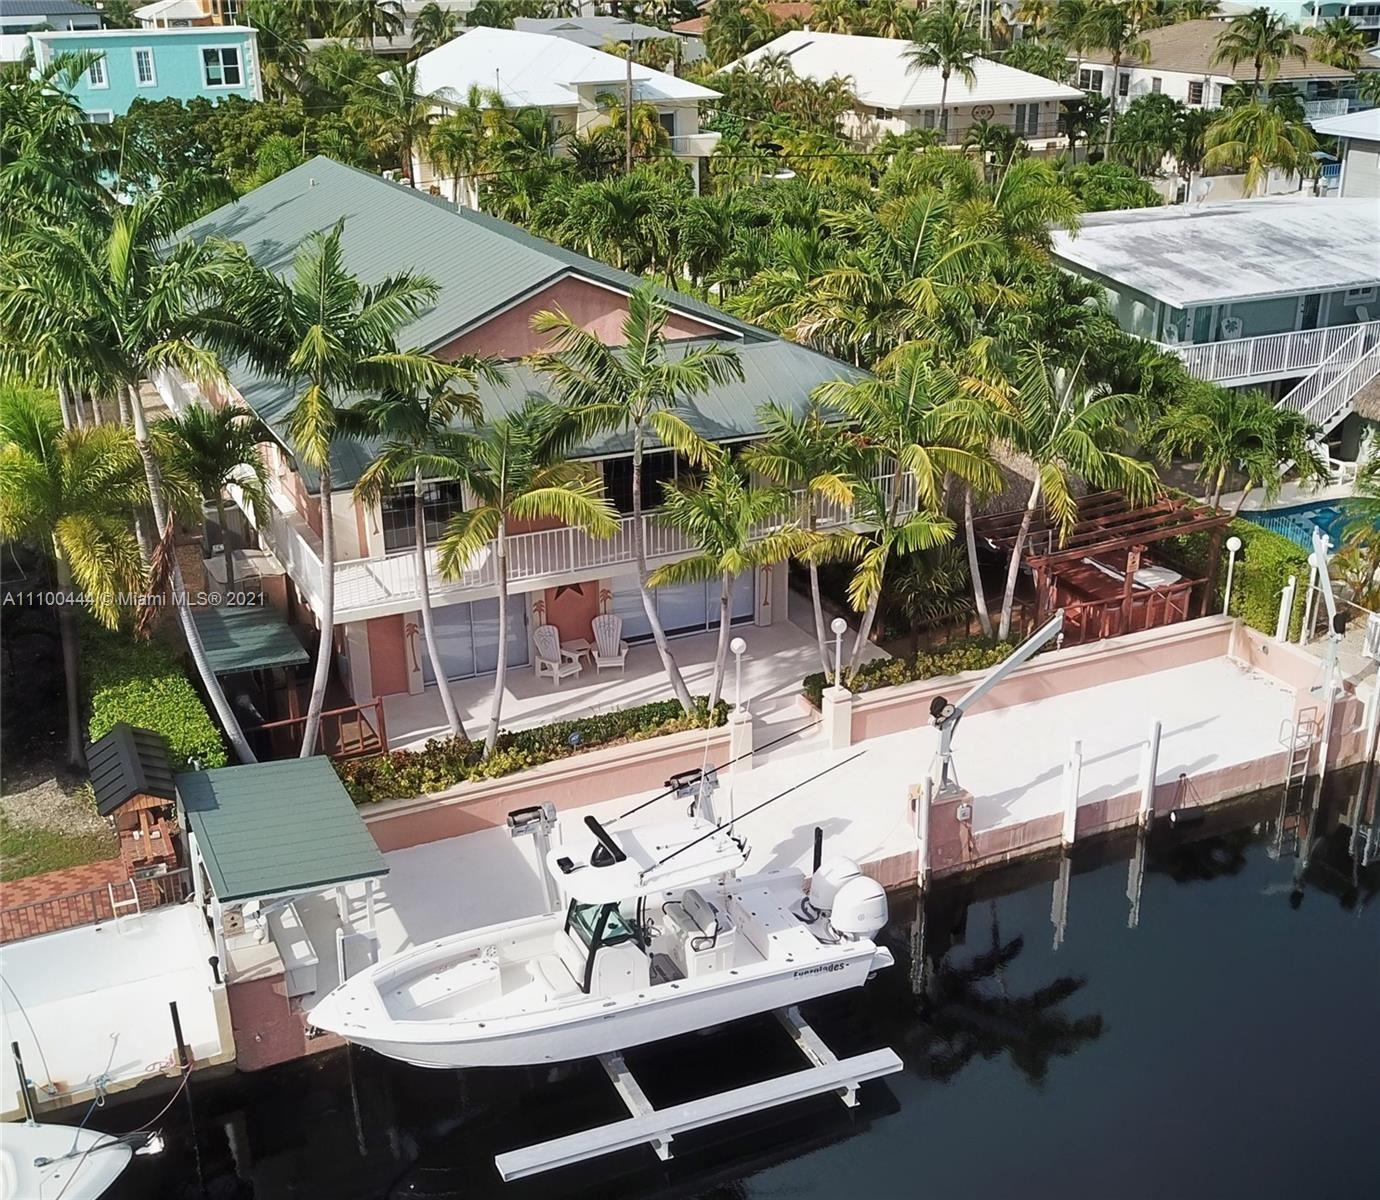 265 Saint Thomas Avenue, Key Largo, FL 33037 - #: A11100444